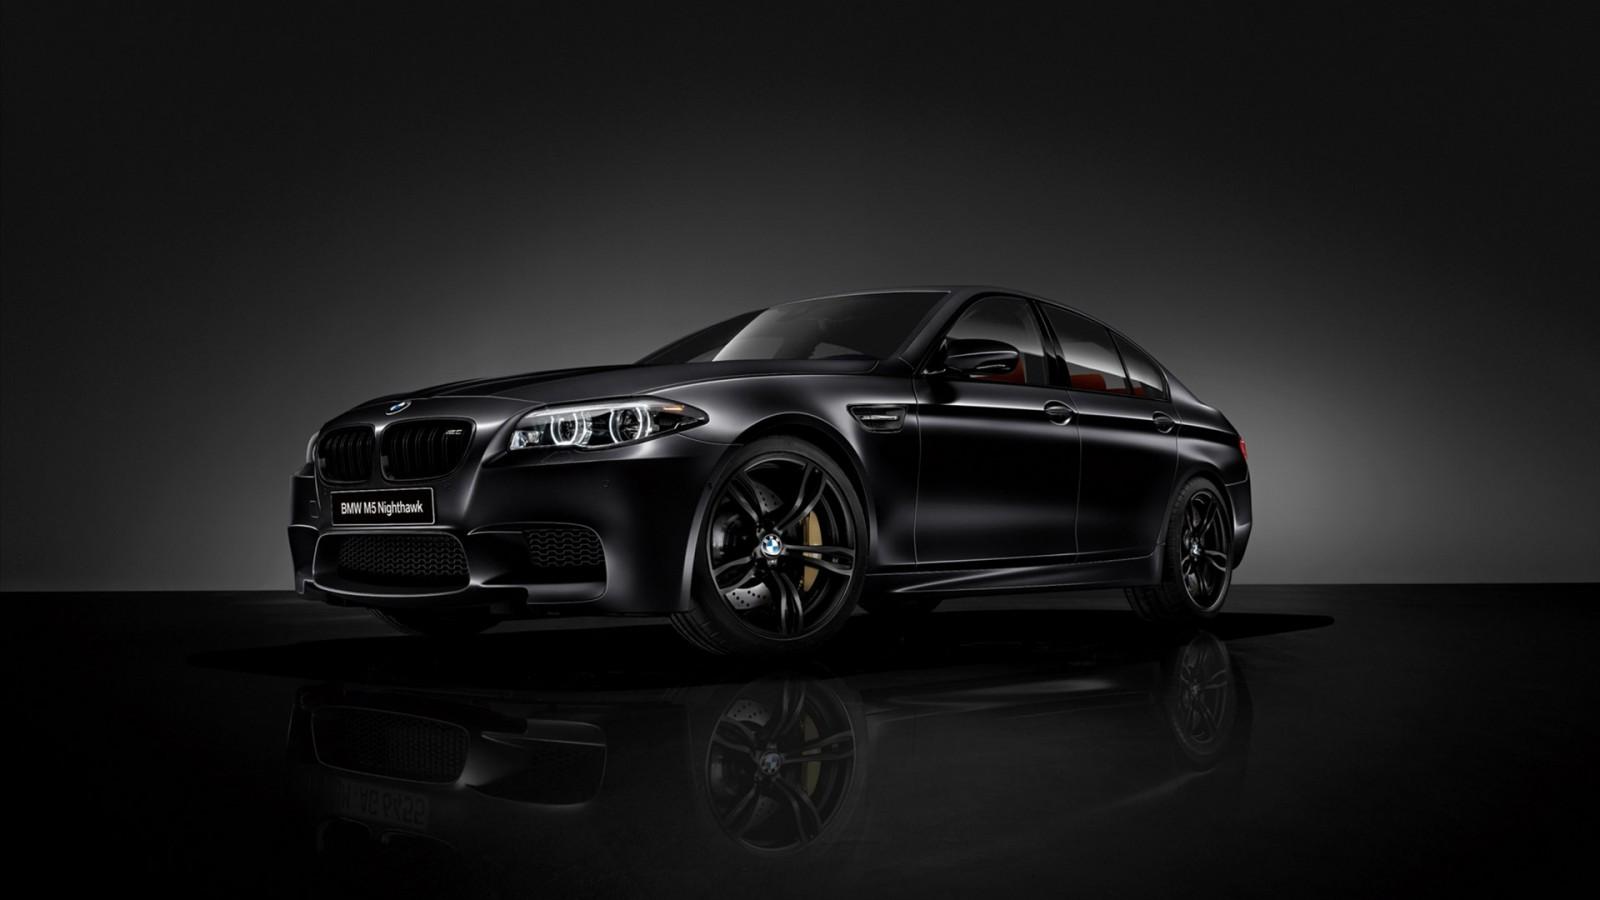 2013 BMW M5 Nighthawk Wallpaper | HD Car Wallpapers | ID #3530